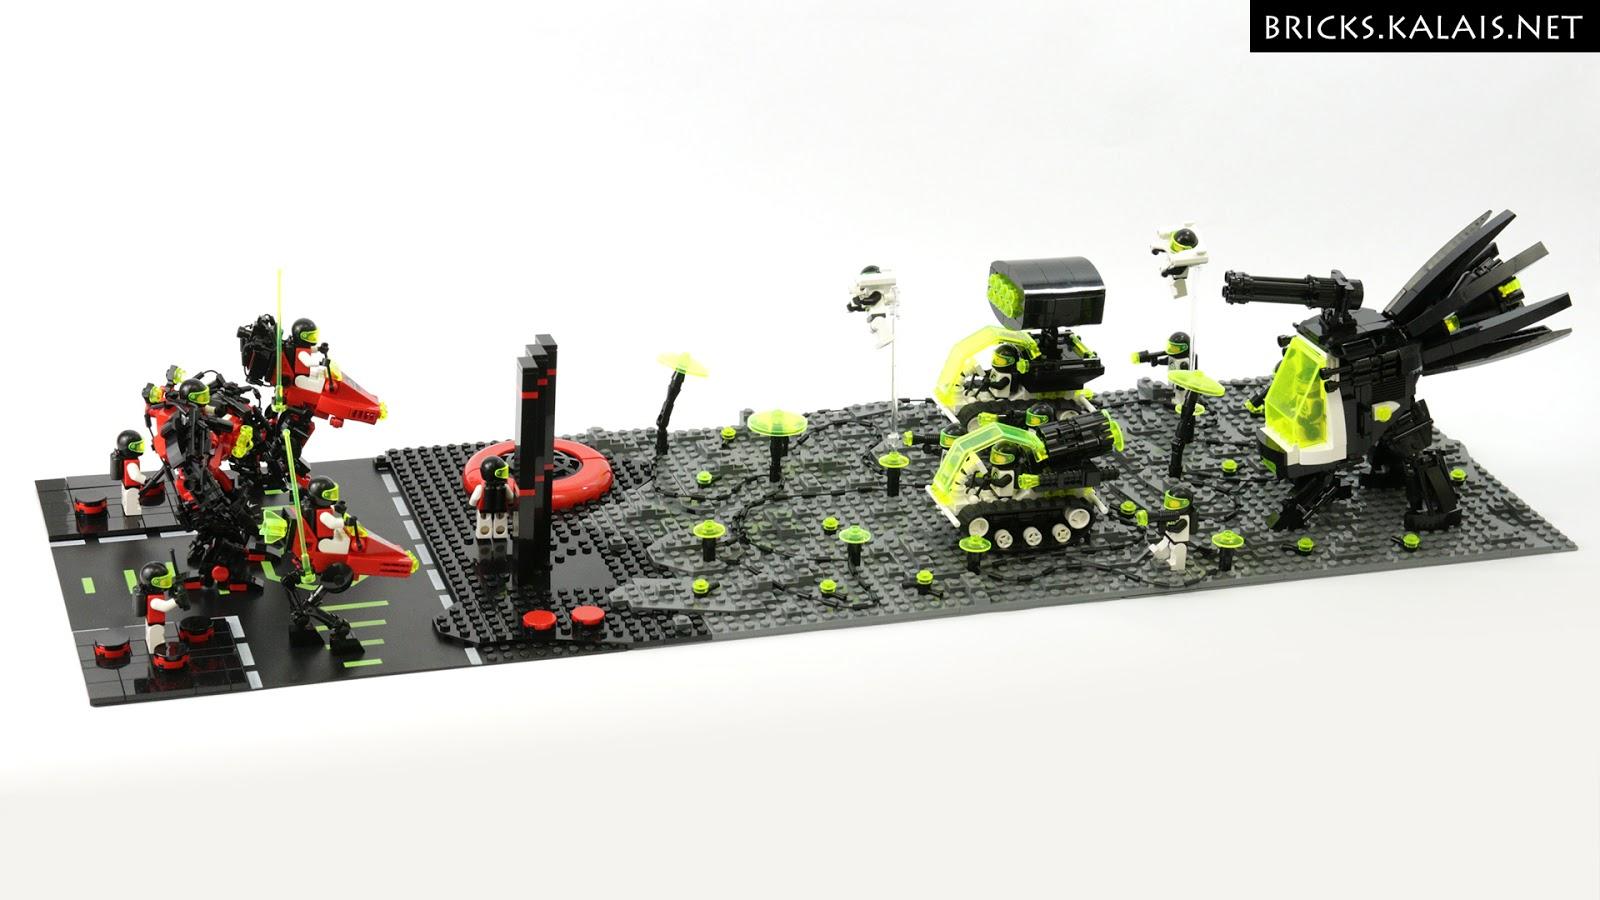 [MOC] Blacktron II vs M:Tron